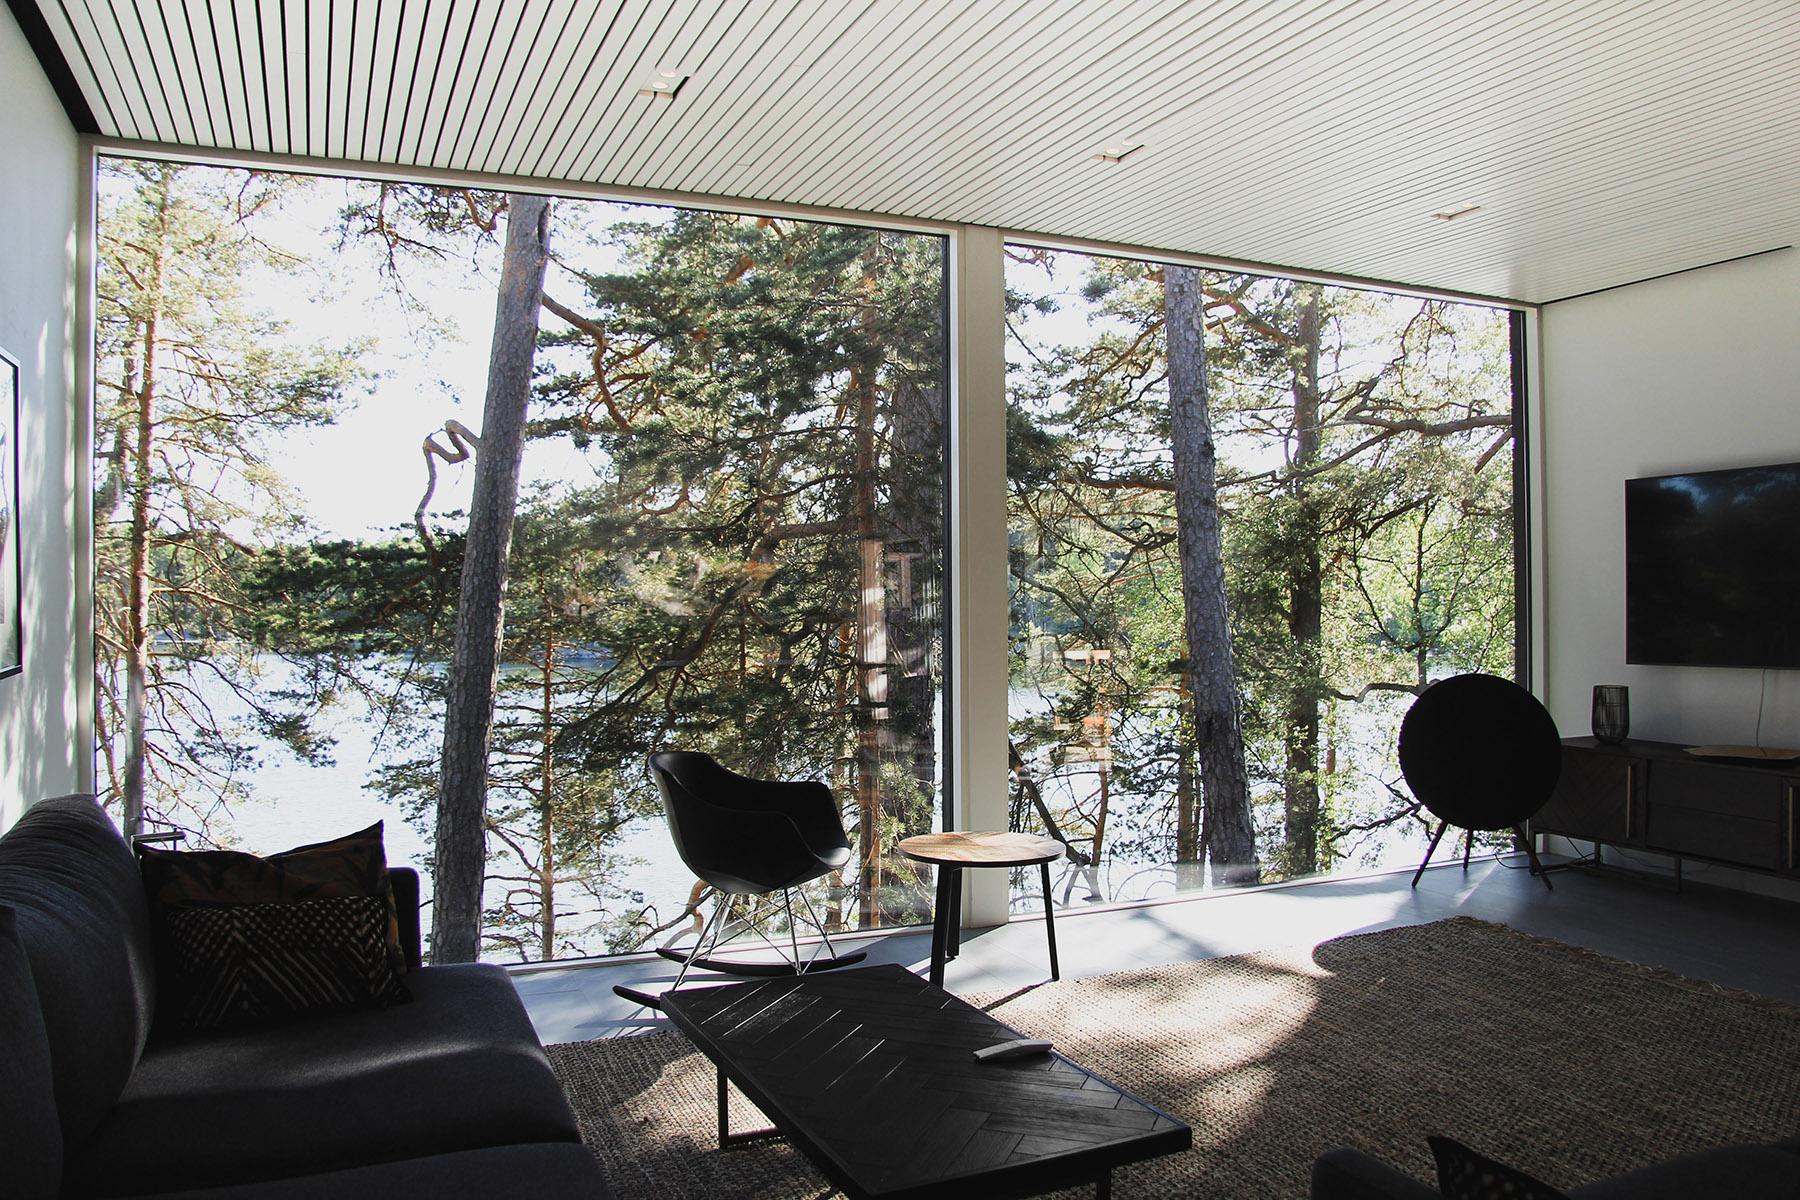 Moderni vapaa-ajan asunto Helsingin saaristossa olohuone